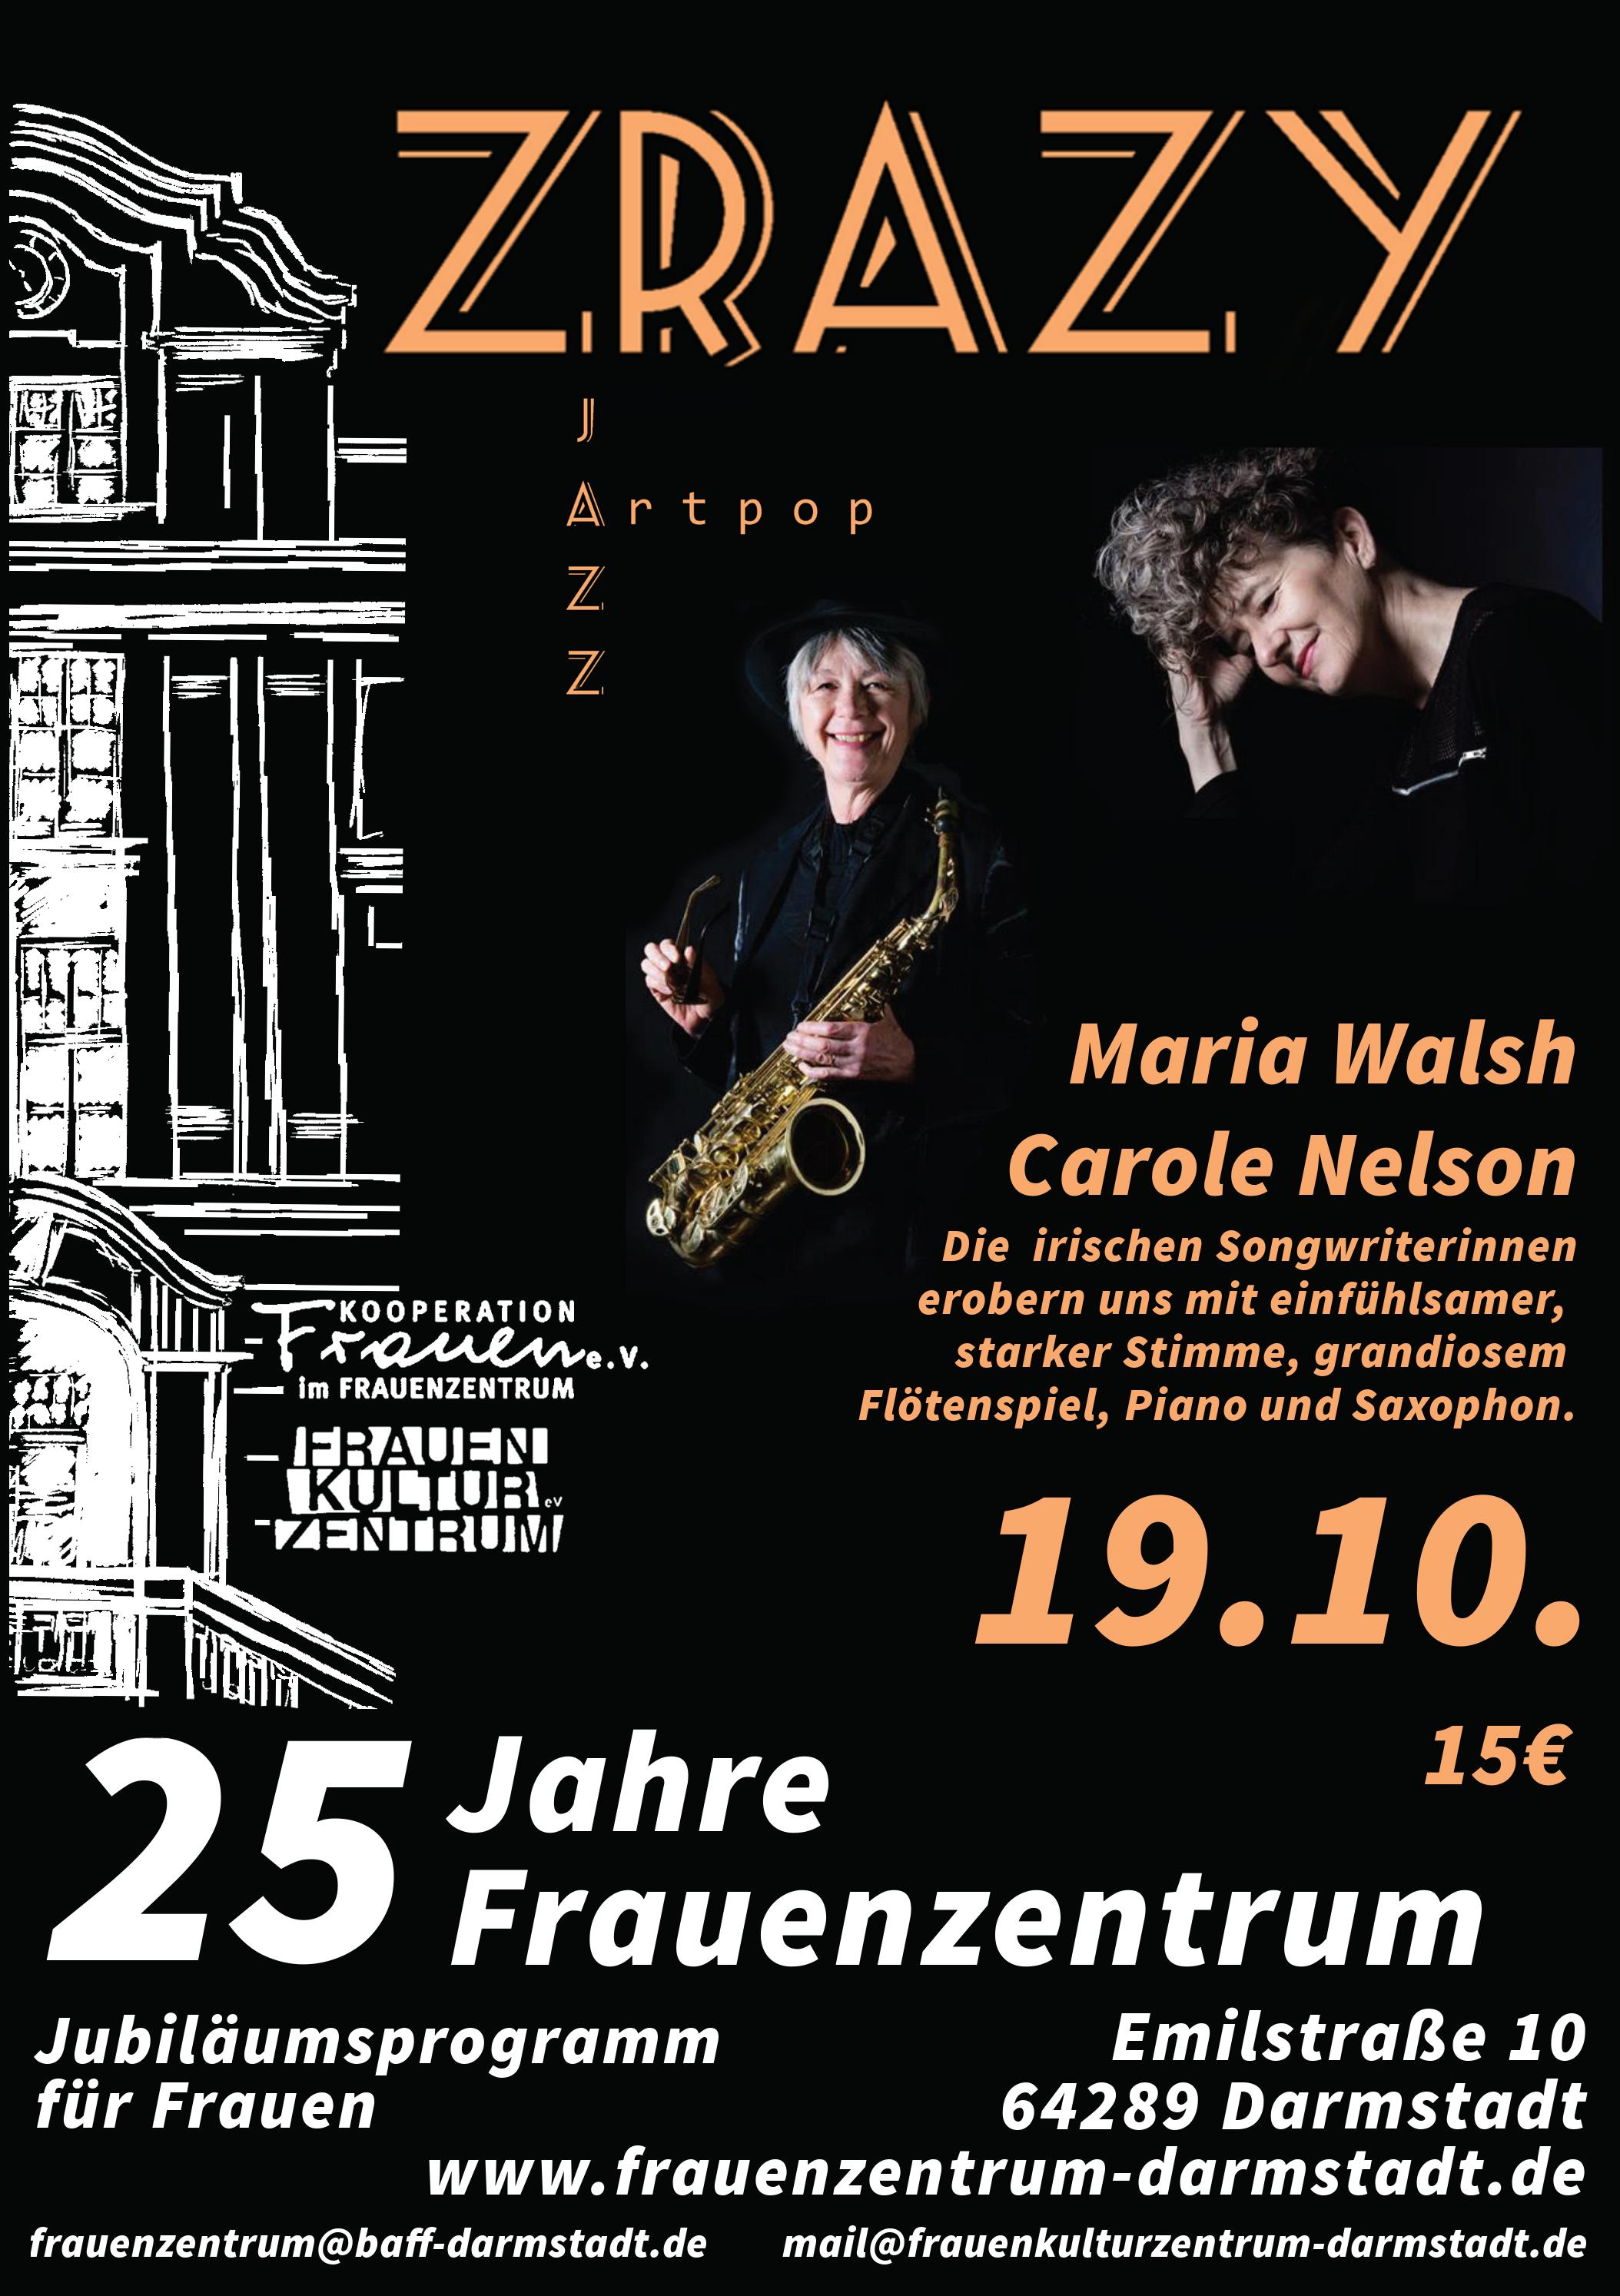 25-Jubiläum_ZRAZY-Plakat